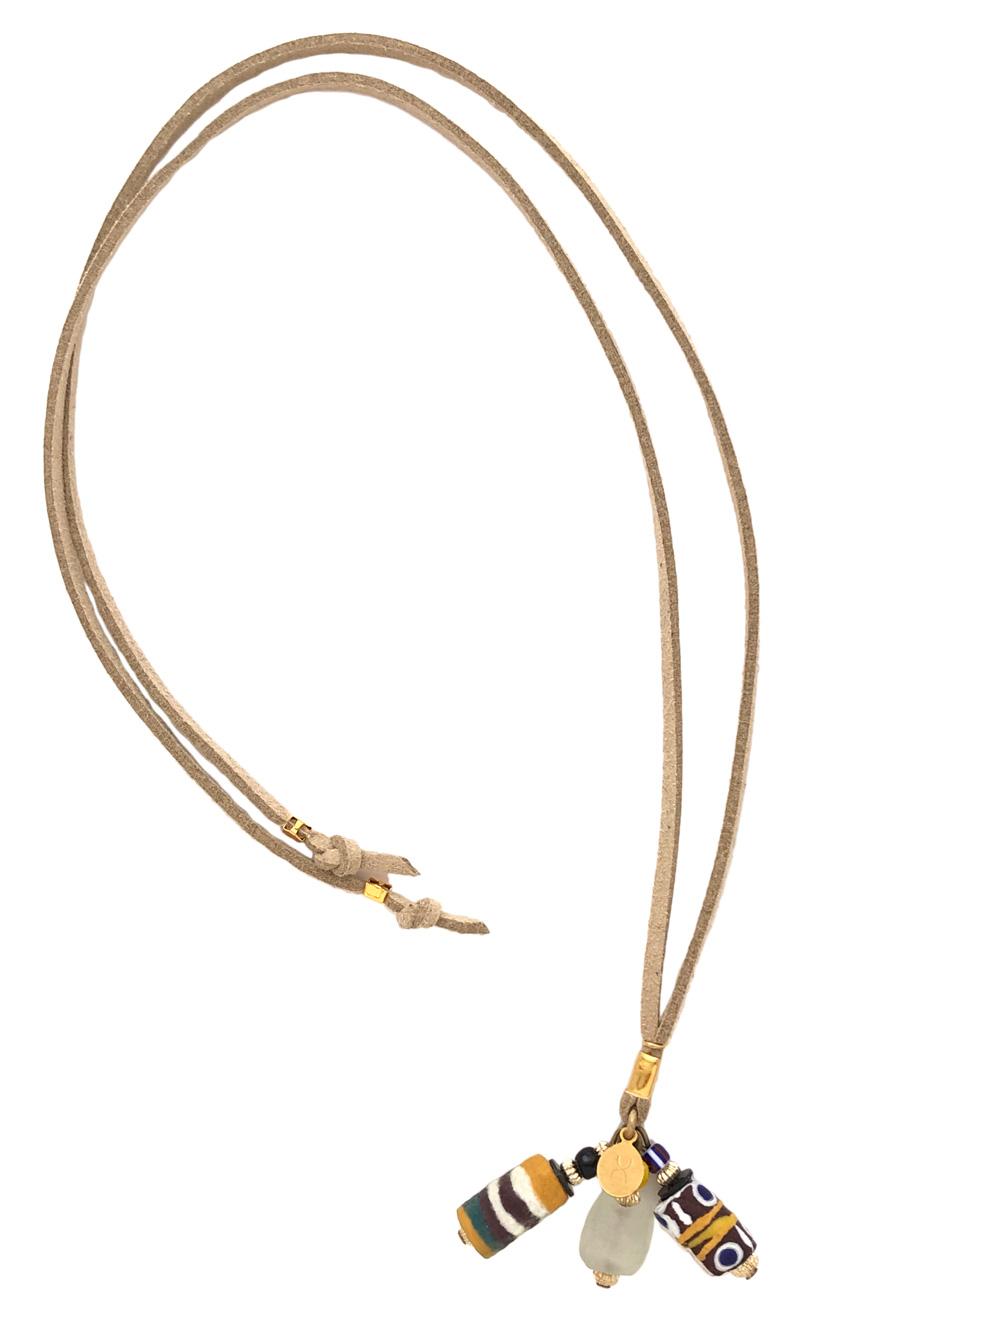 White Aza Bookmark Necklace by Shikhazuri